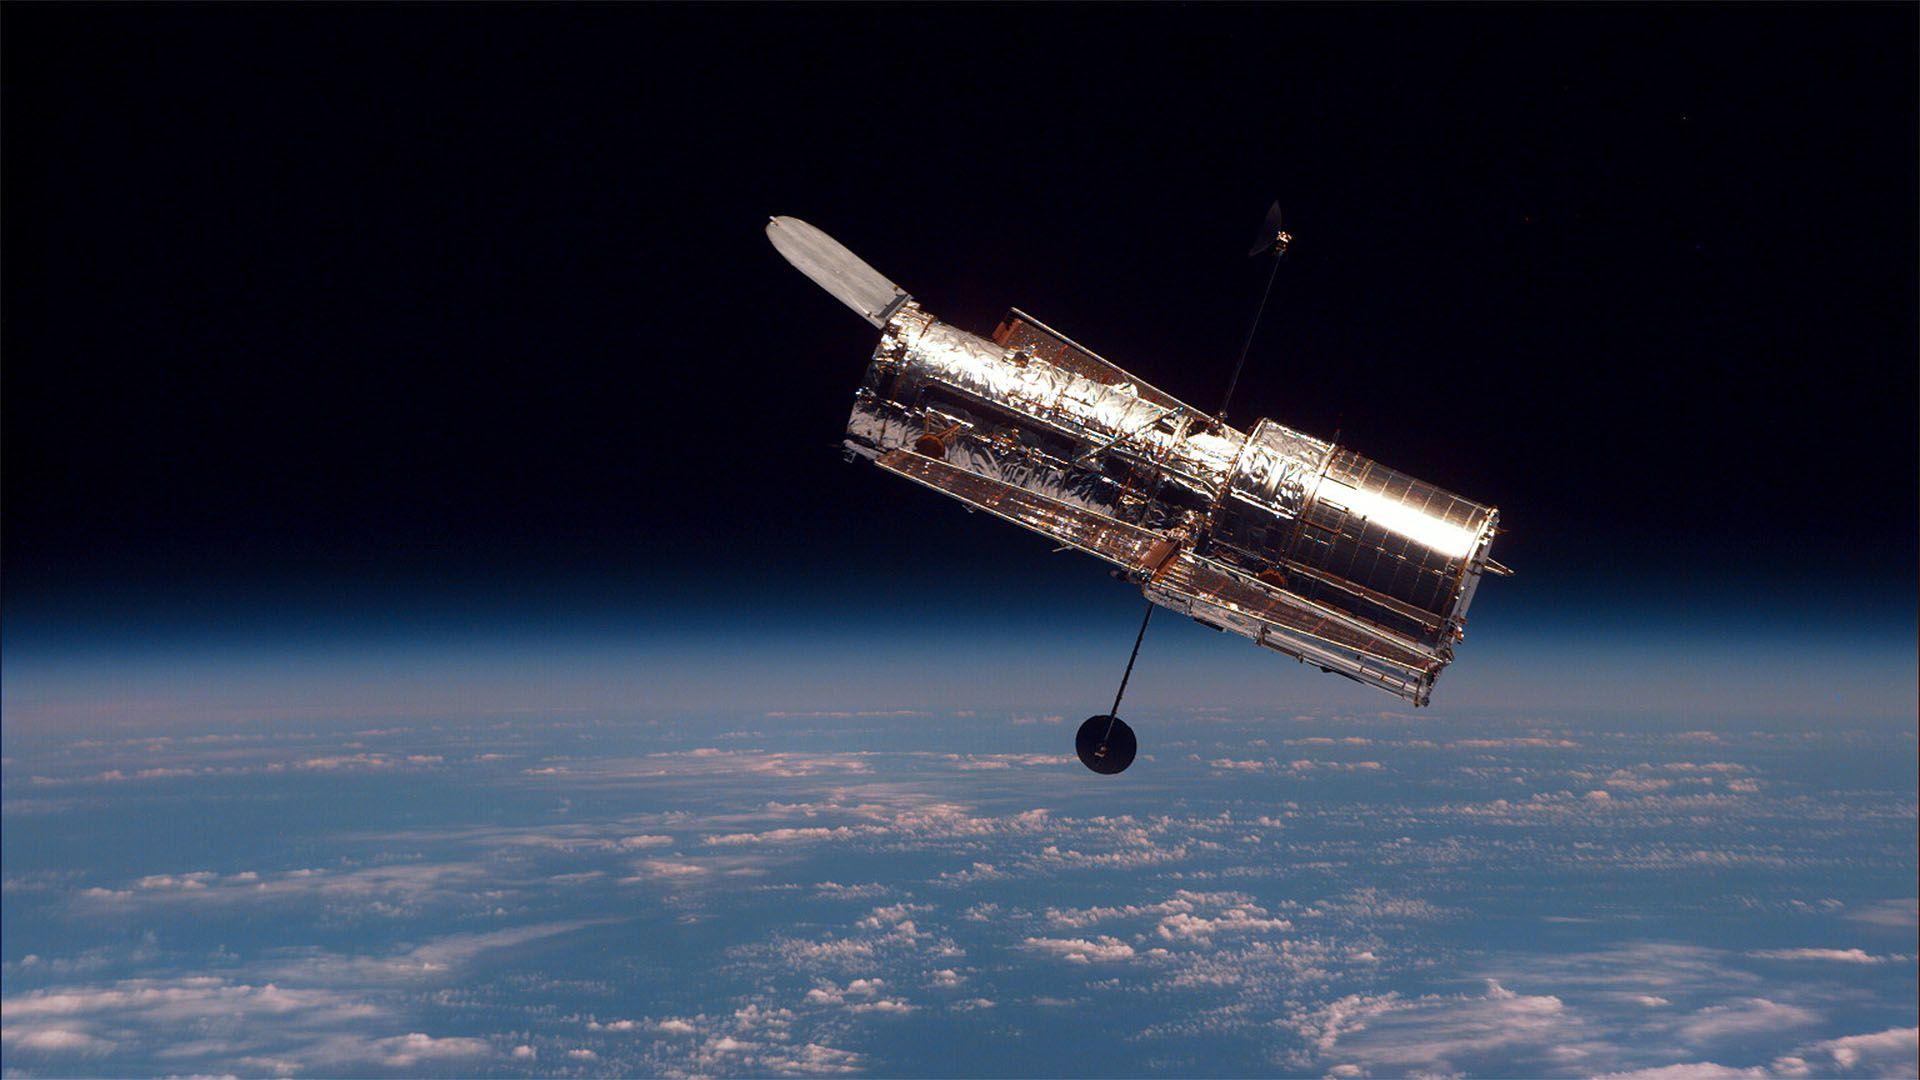 Rekordot döntött a Hubble űrteleszkóp: megtalálták az eddigi legtávolabbi galaxist